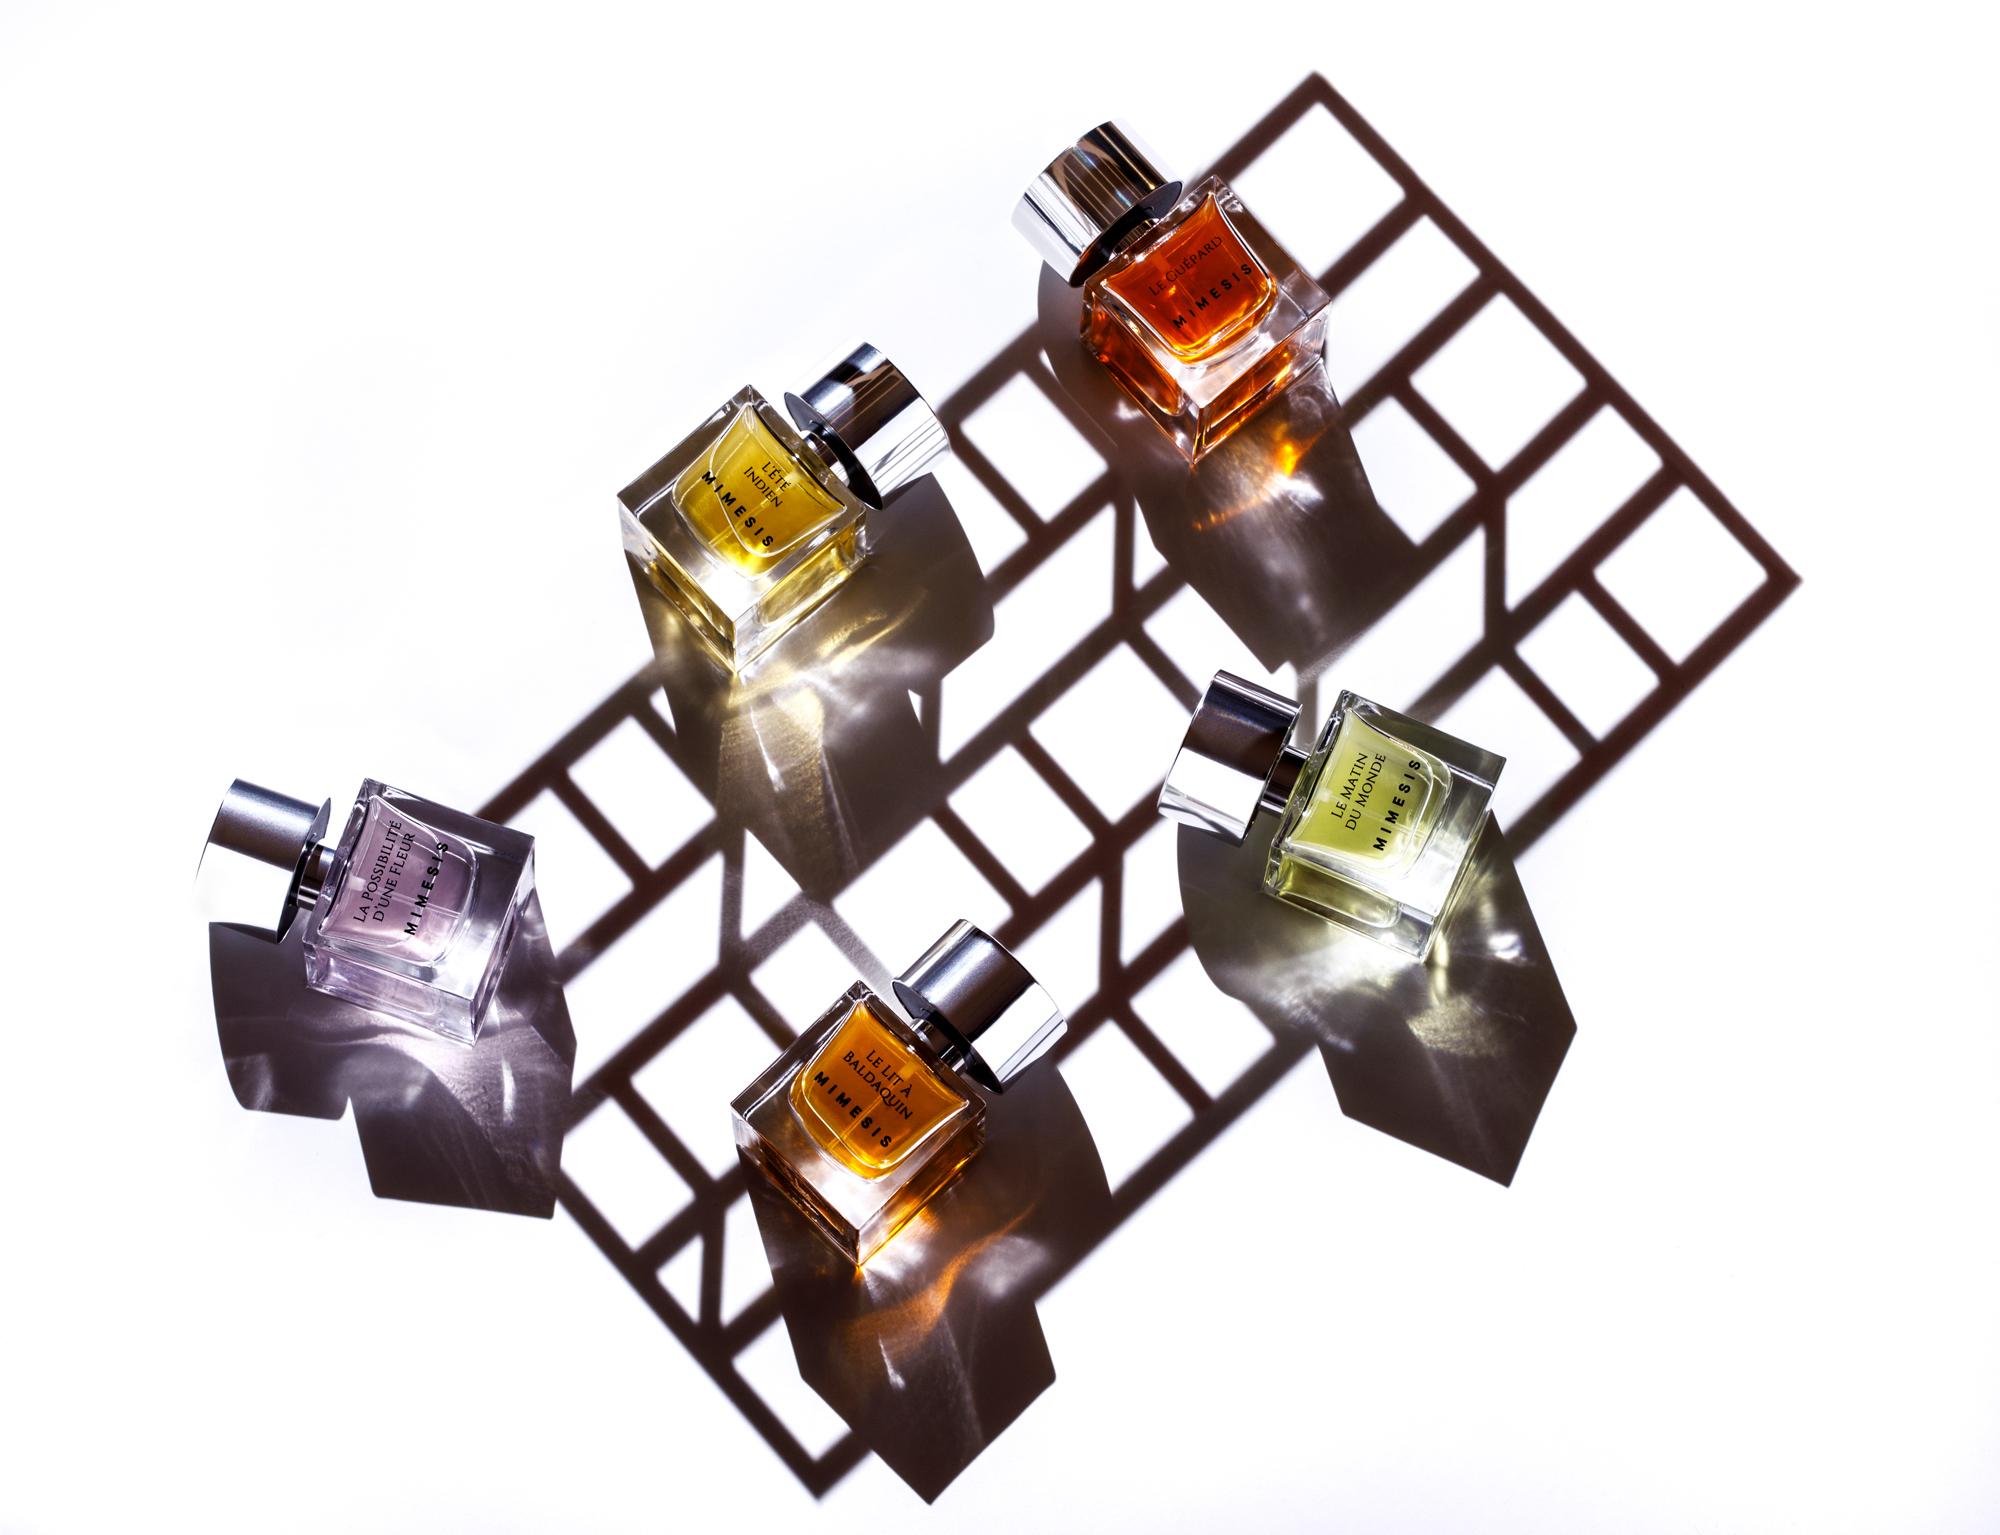 Mimesis-lot ombre parfums-par_Thomas_Behuret_1 copie.jpg